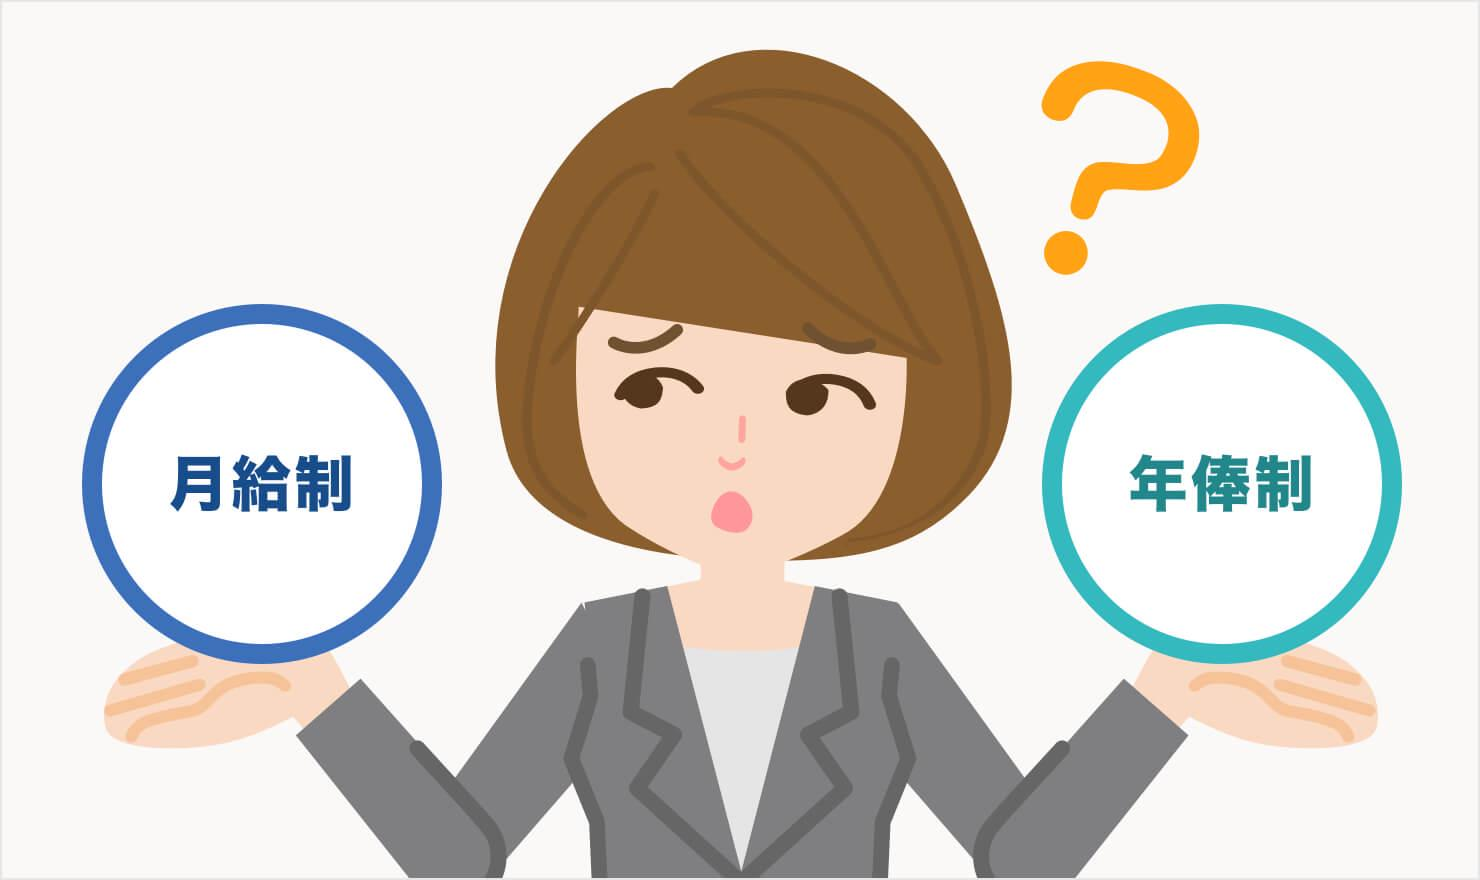 月給制と年俸制の違いに悩む女性